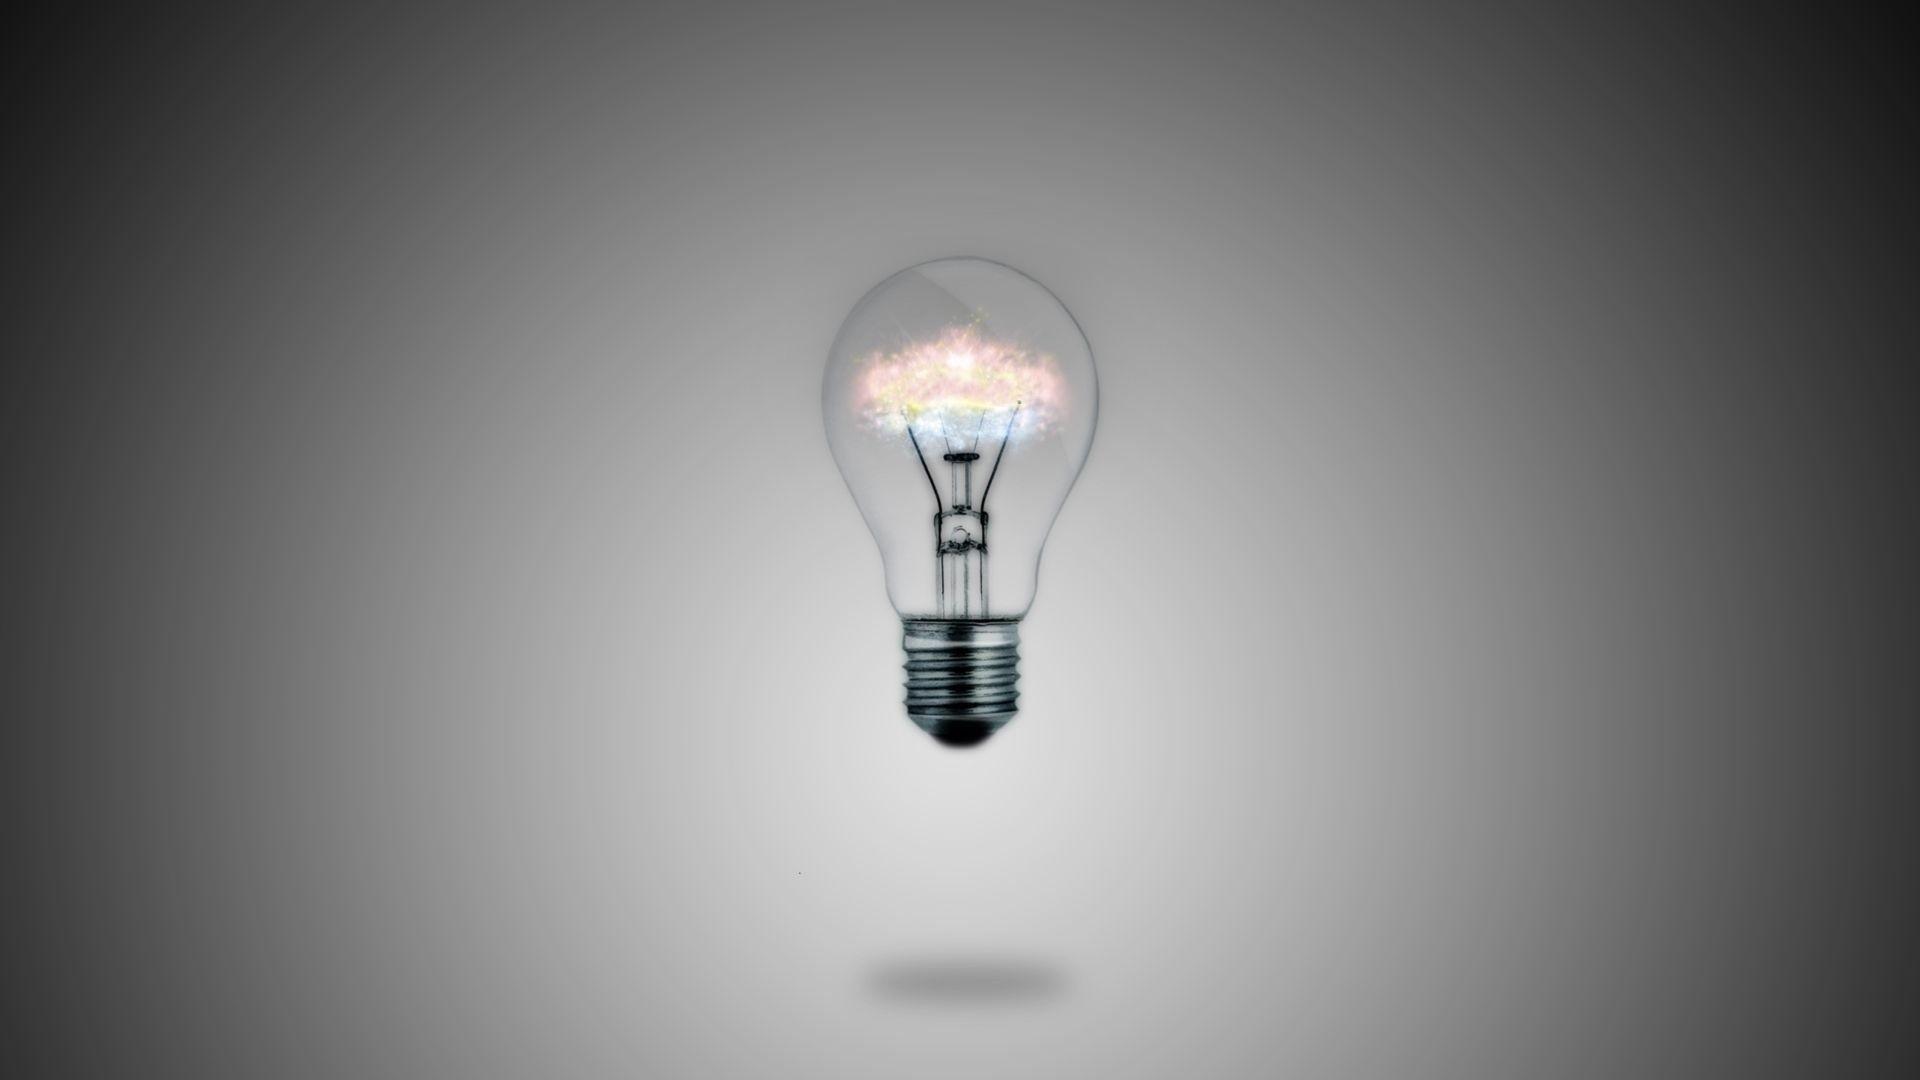 Light Bulb Wallpapers (64  images) for lit light bulb wallpaper  10lpwja